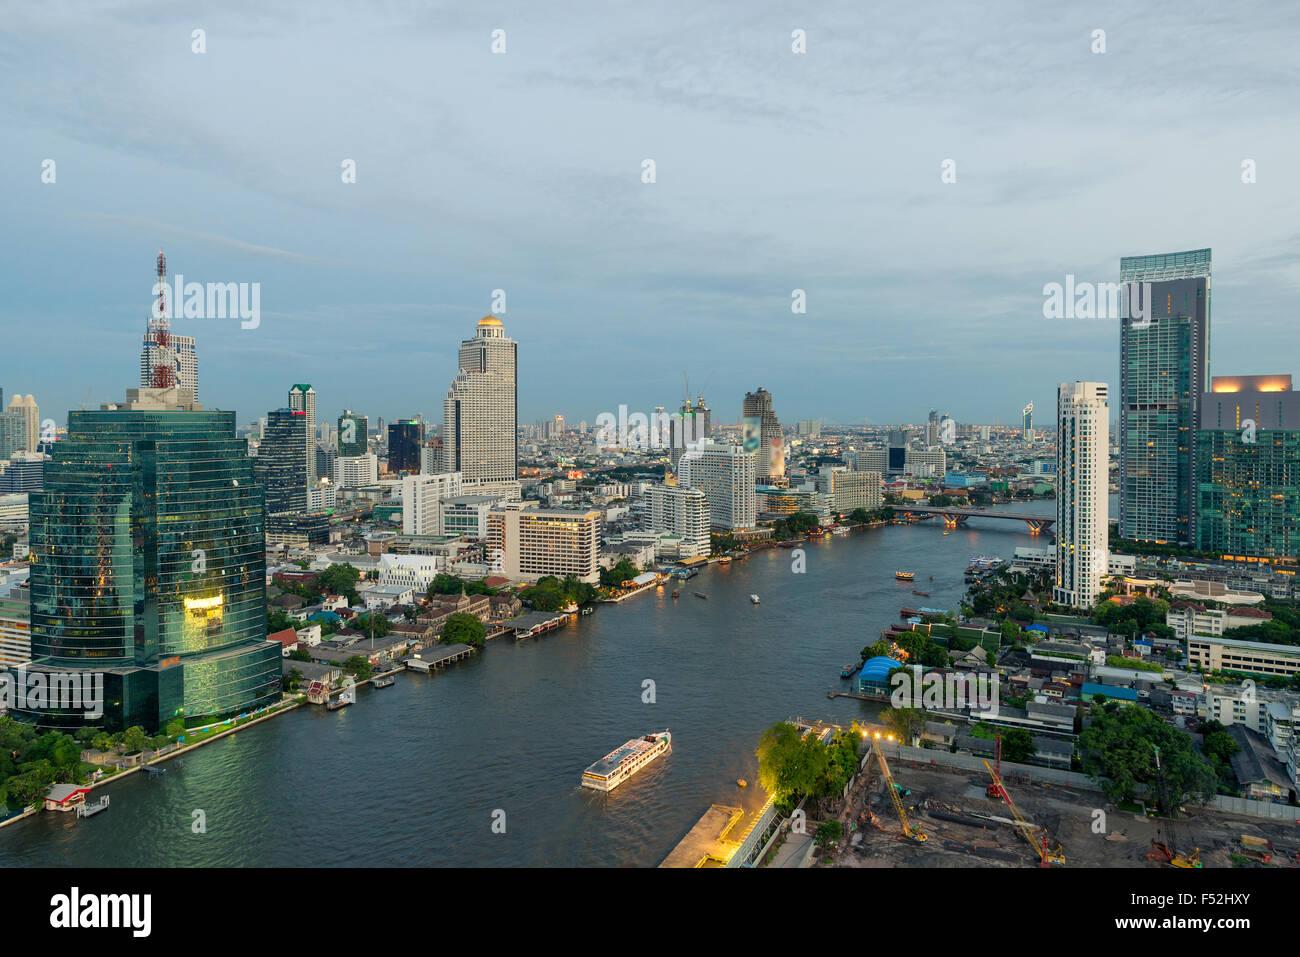 Belle skyline le long de la rivière Chao Phraya à Bangkok au crépuscule , Thaïlande Photo Stock